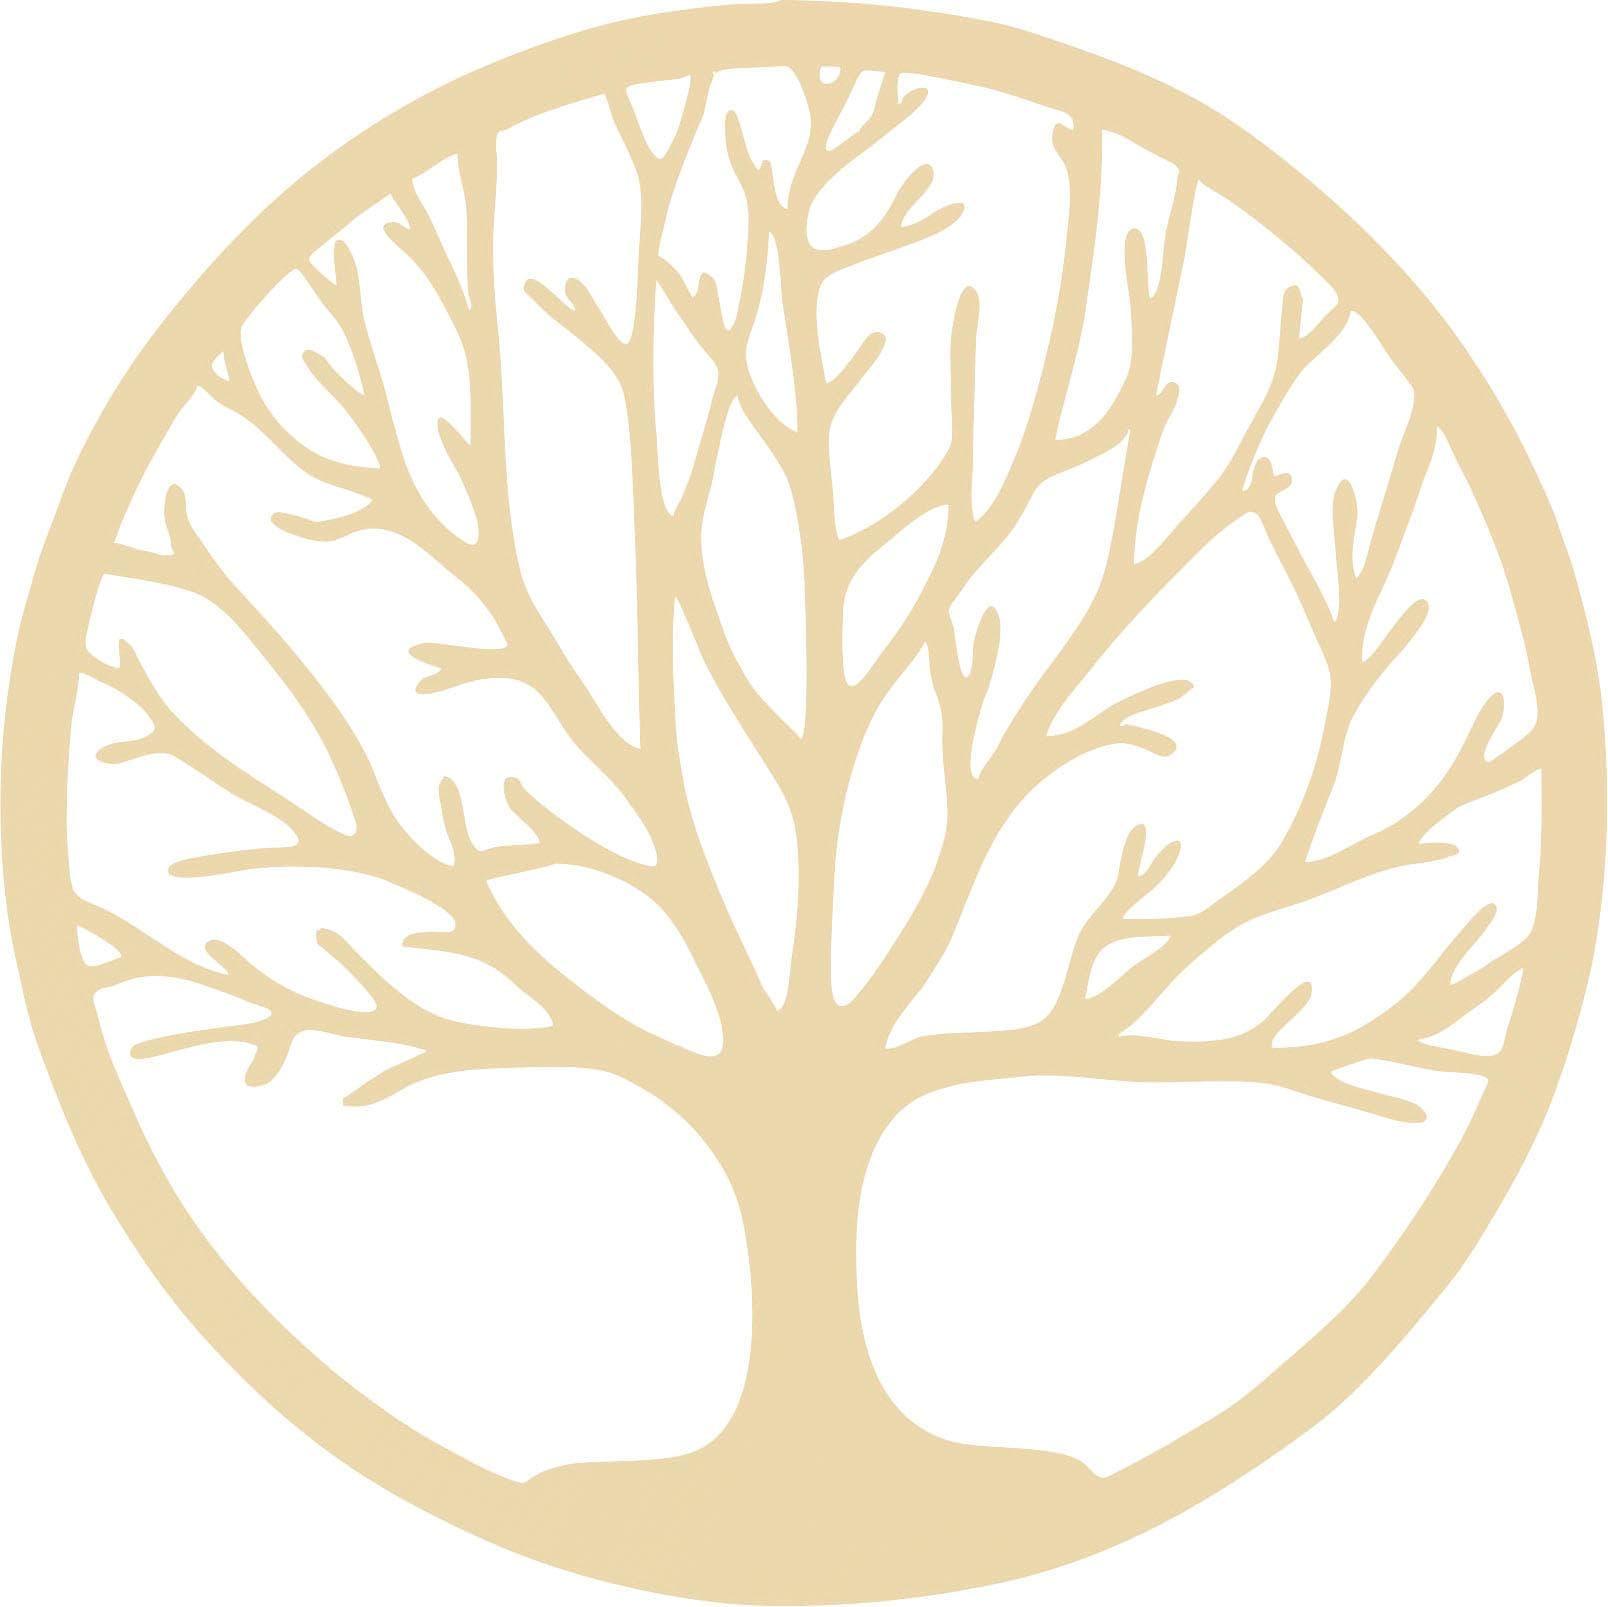 Wall-Art Wanddekoobjekt Holzdeko Pappel Furnier - Baum des Lebens beige Wanddekoration Deko Wohnaccessoires